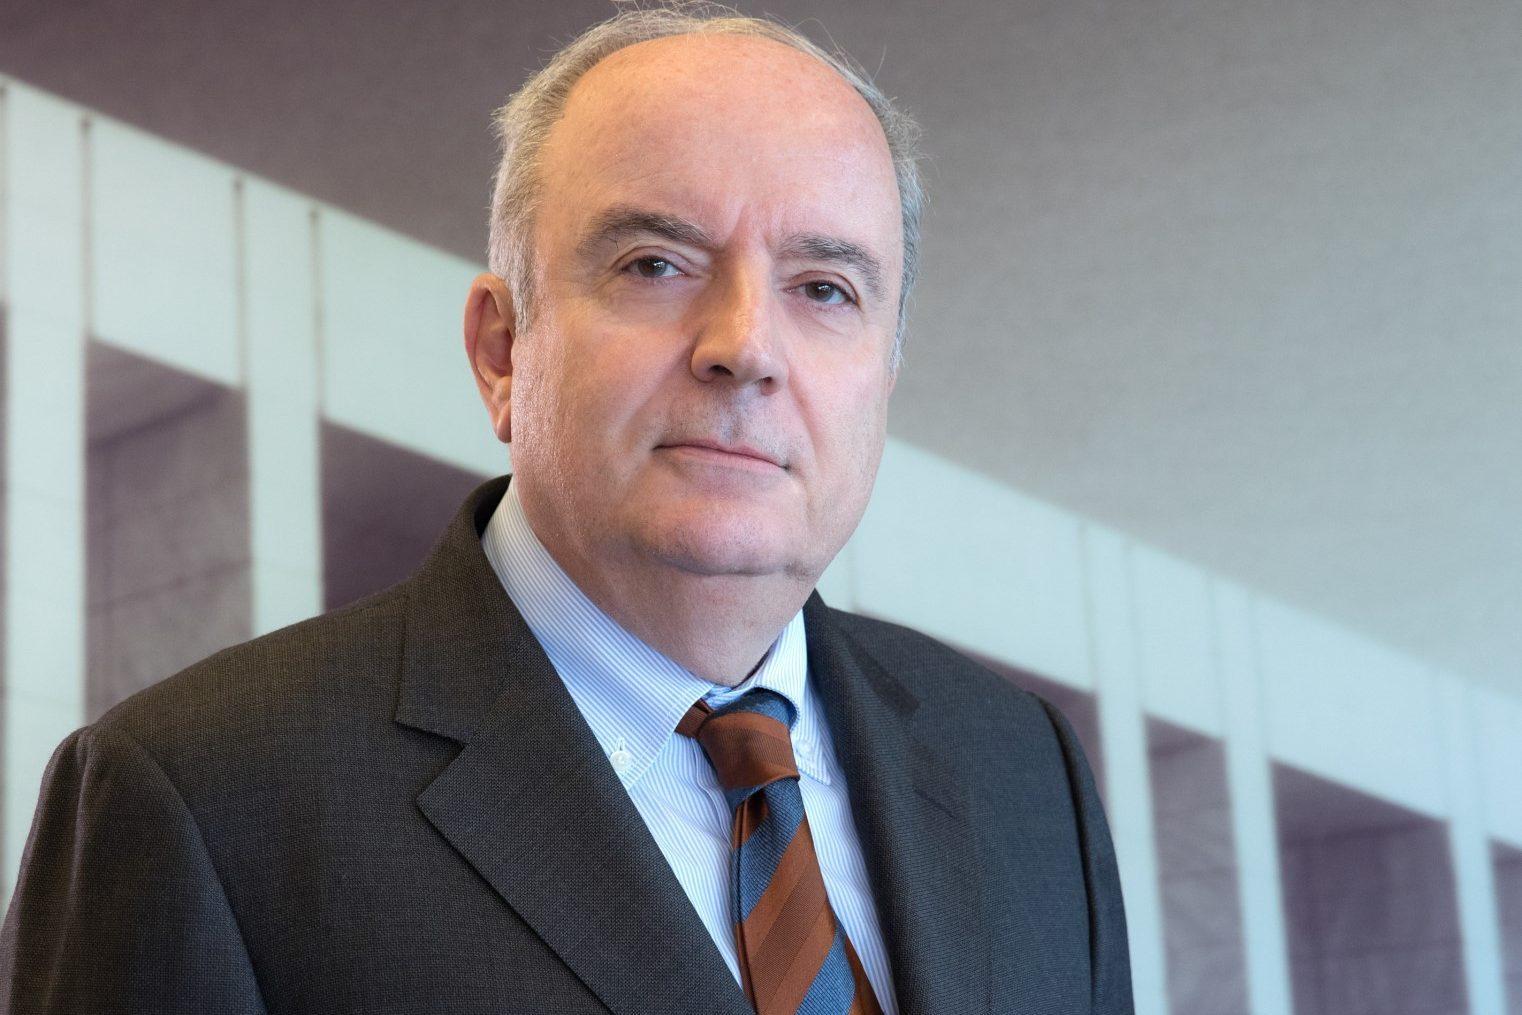 Γιώργος Περιστέρης, επικεφαλής ΓΕΚ ΤΕΡΝΑ